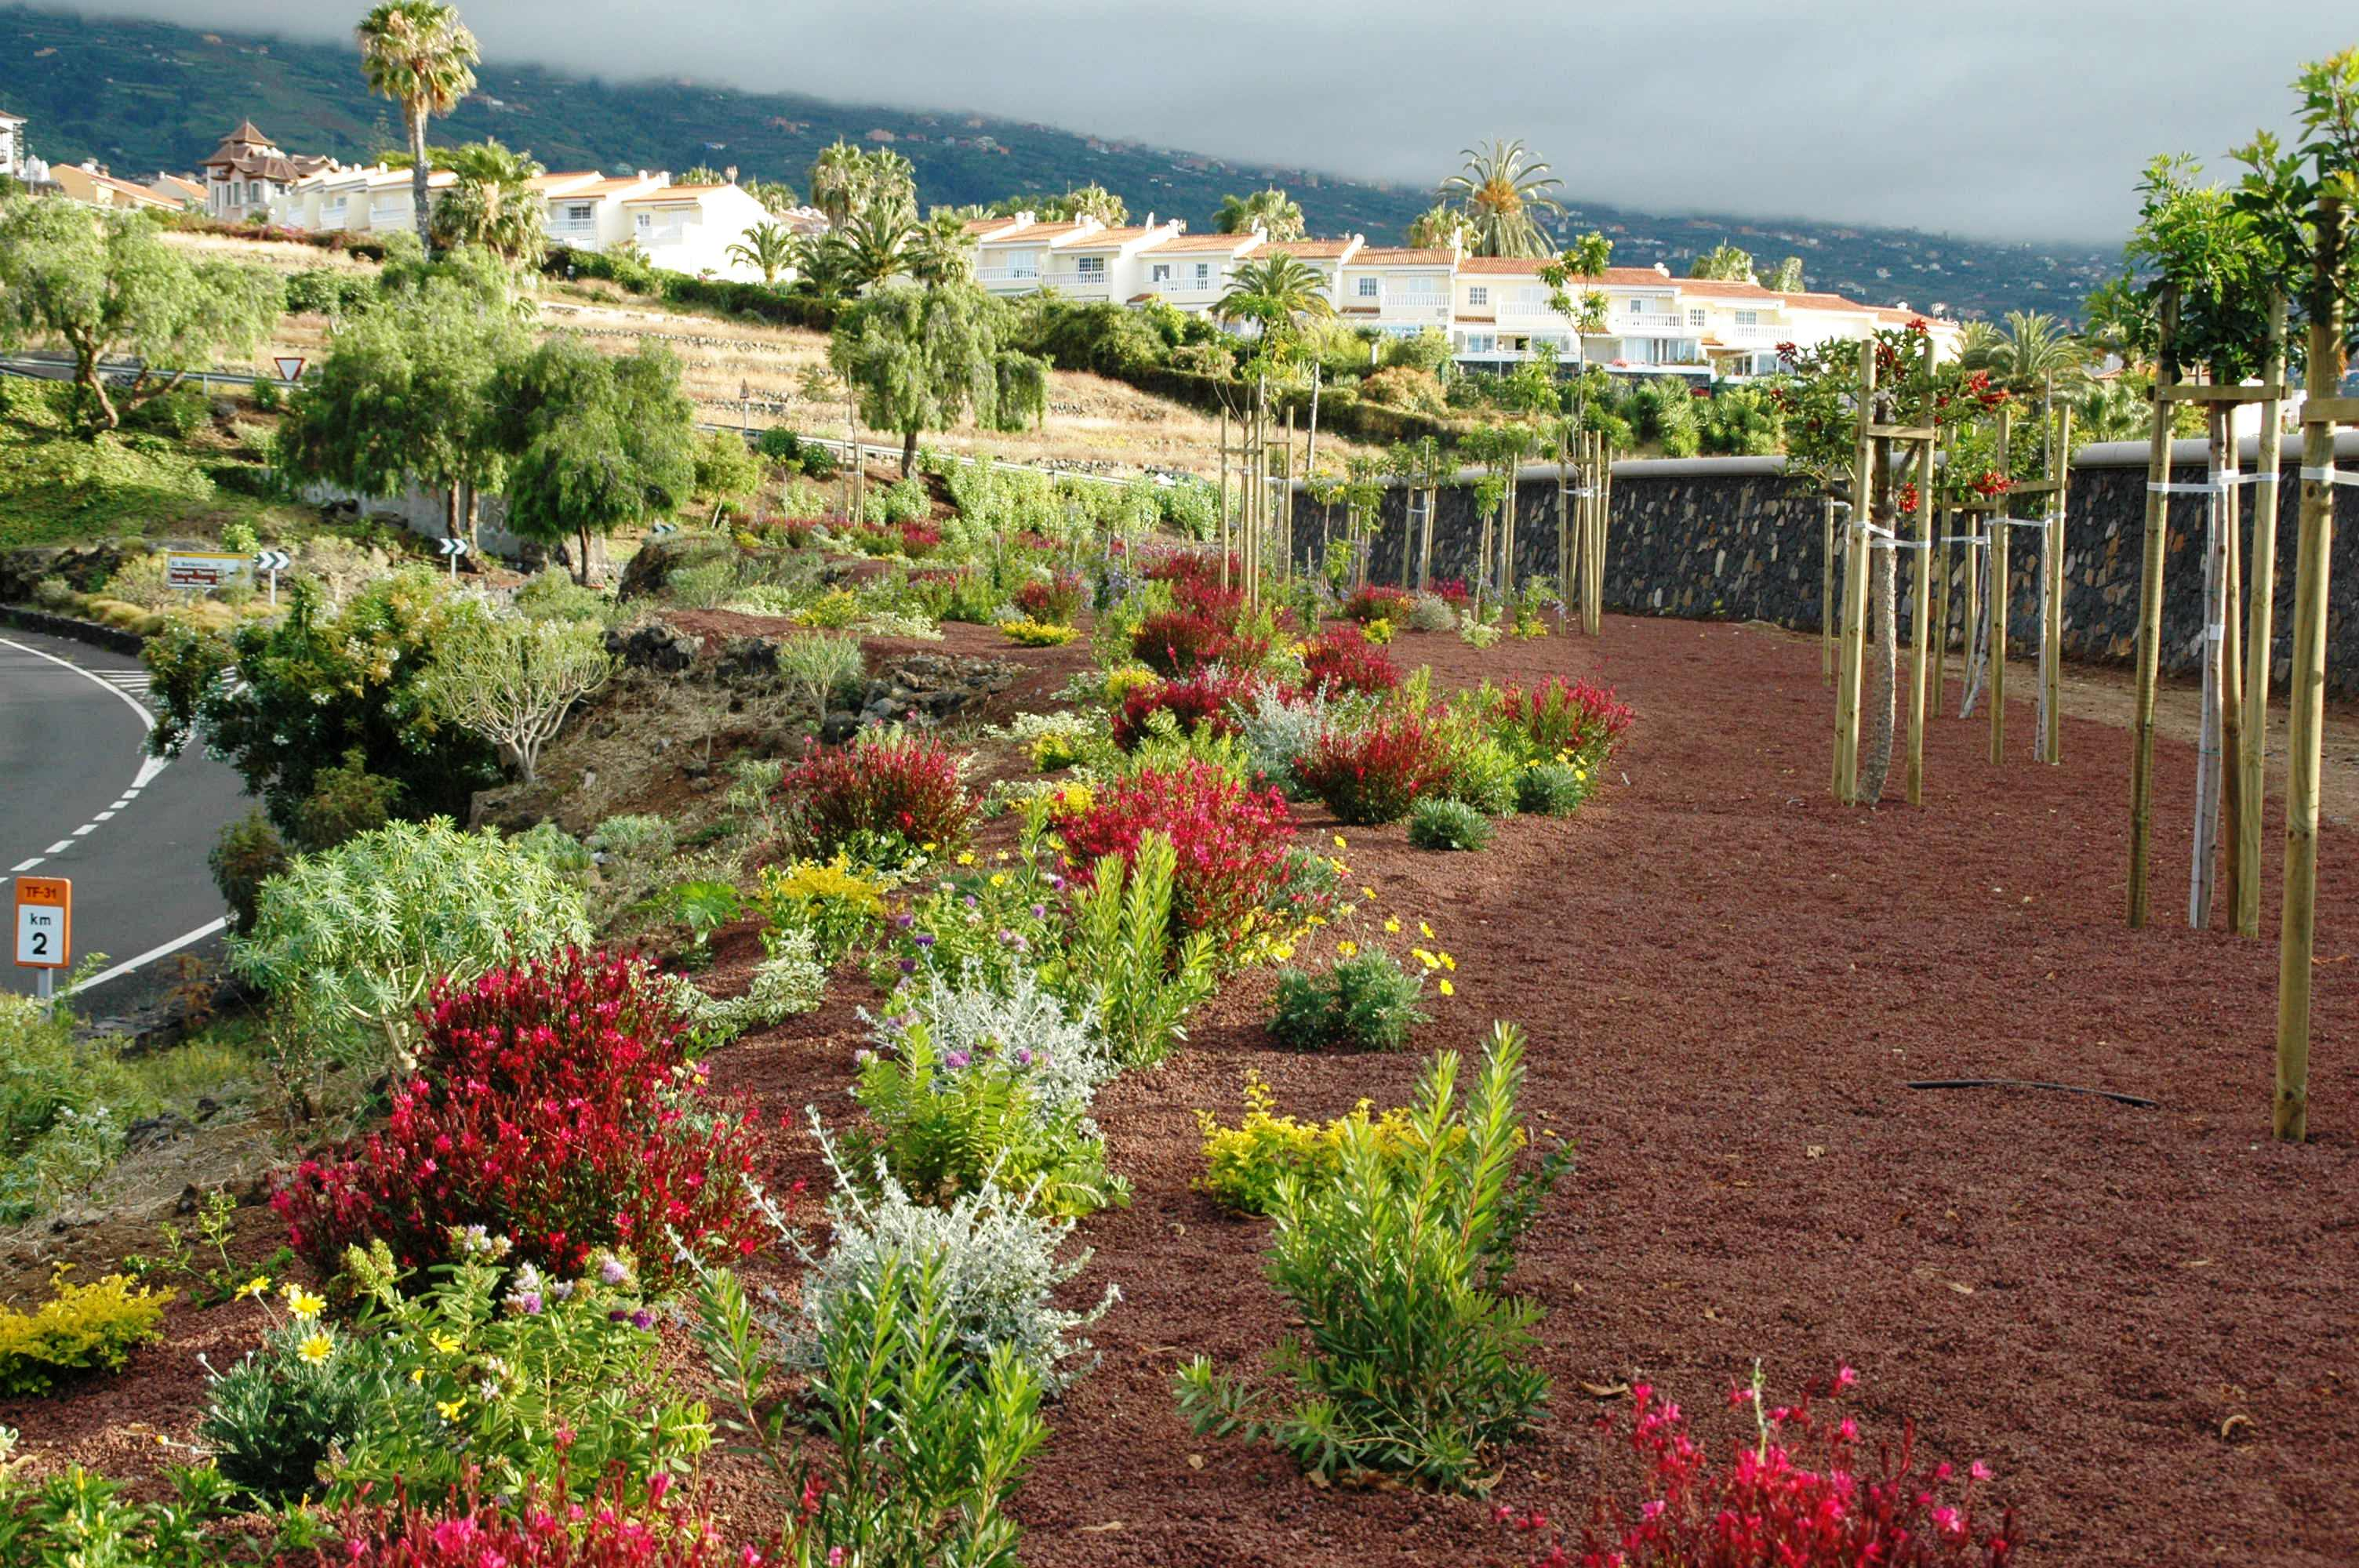 banda de arbustivas + arbolado. Jardinería pública Tenerife